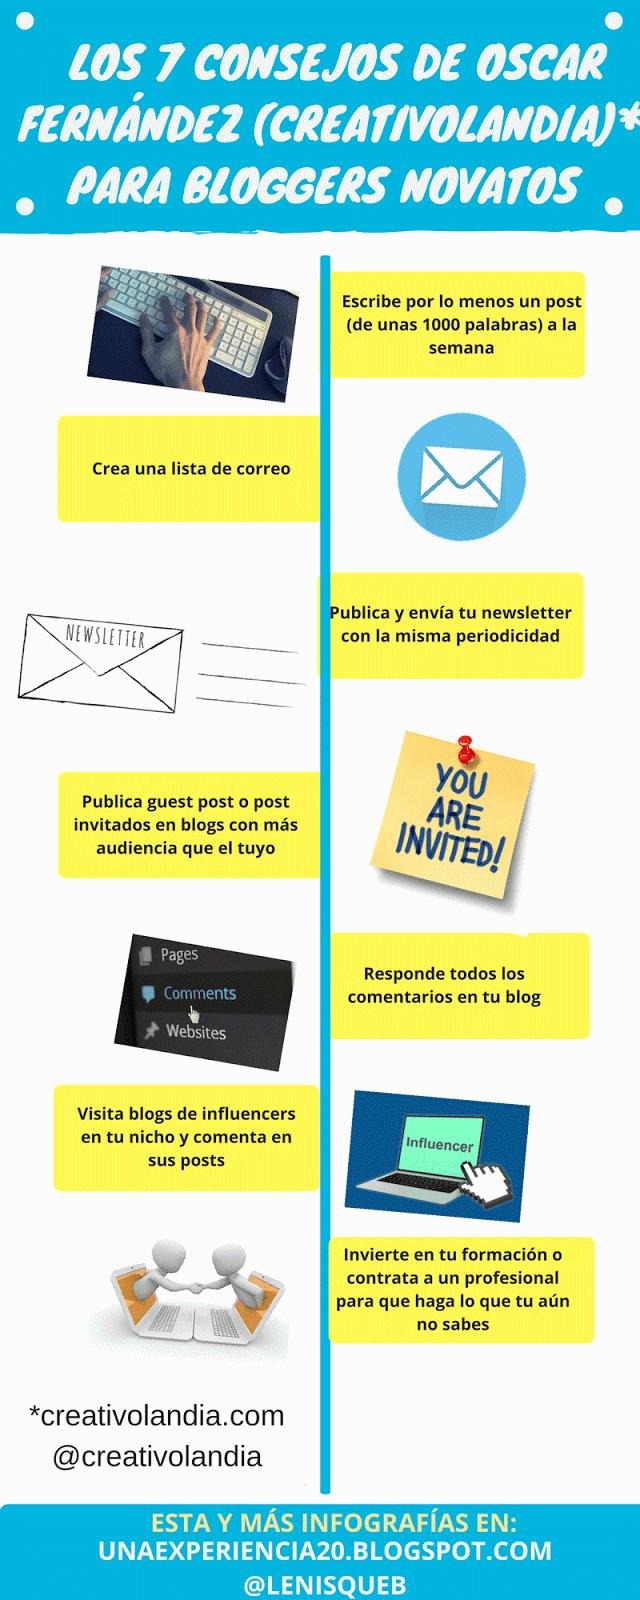 infografía 7 consejos bloggers por oscar fernandez